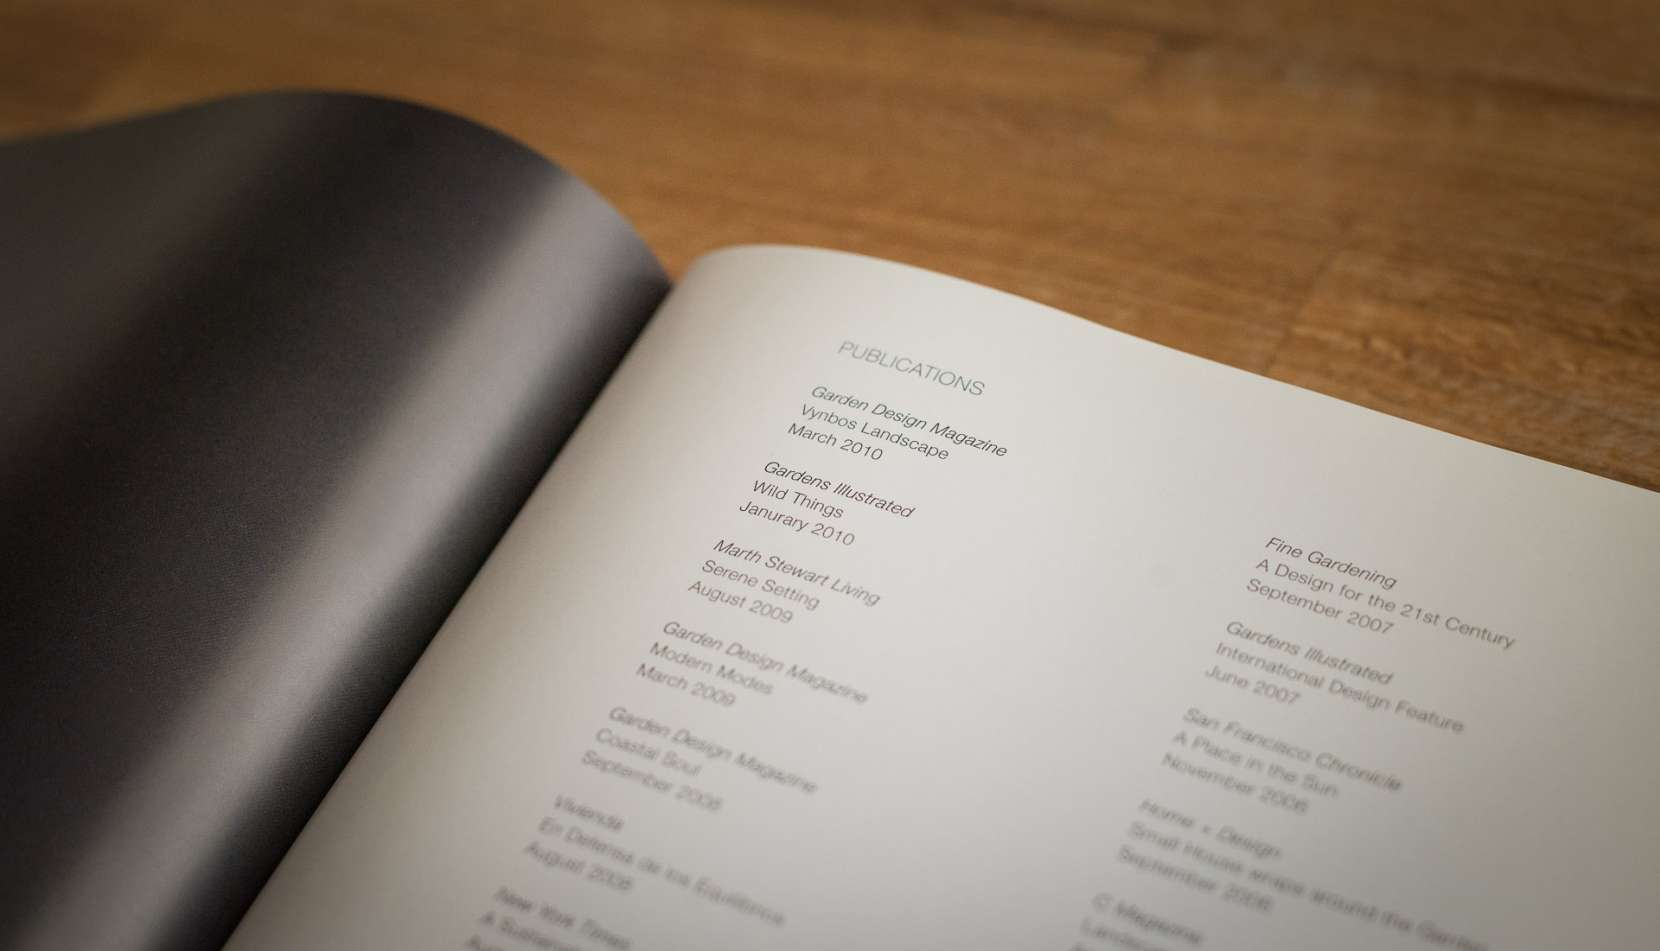 bta-book-6418-1660x951.jpg